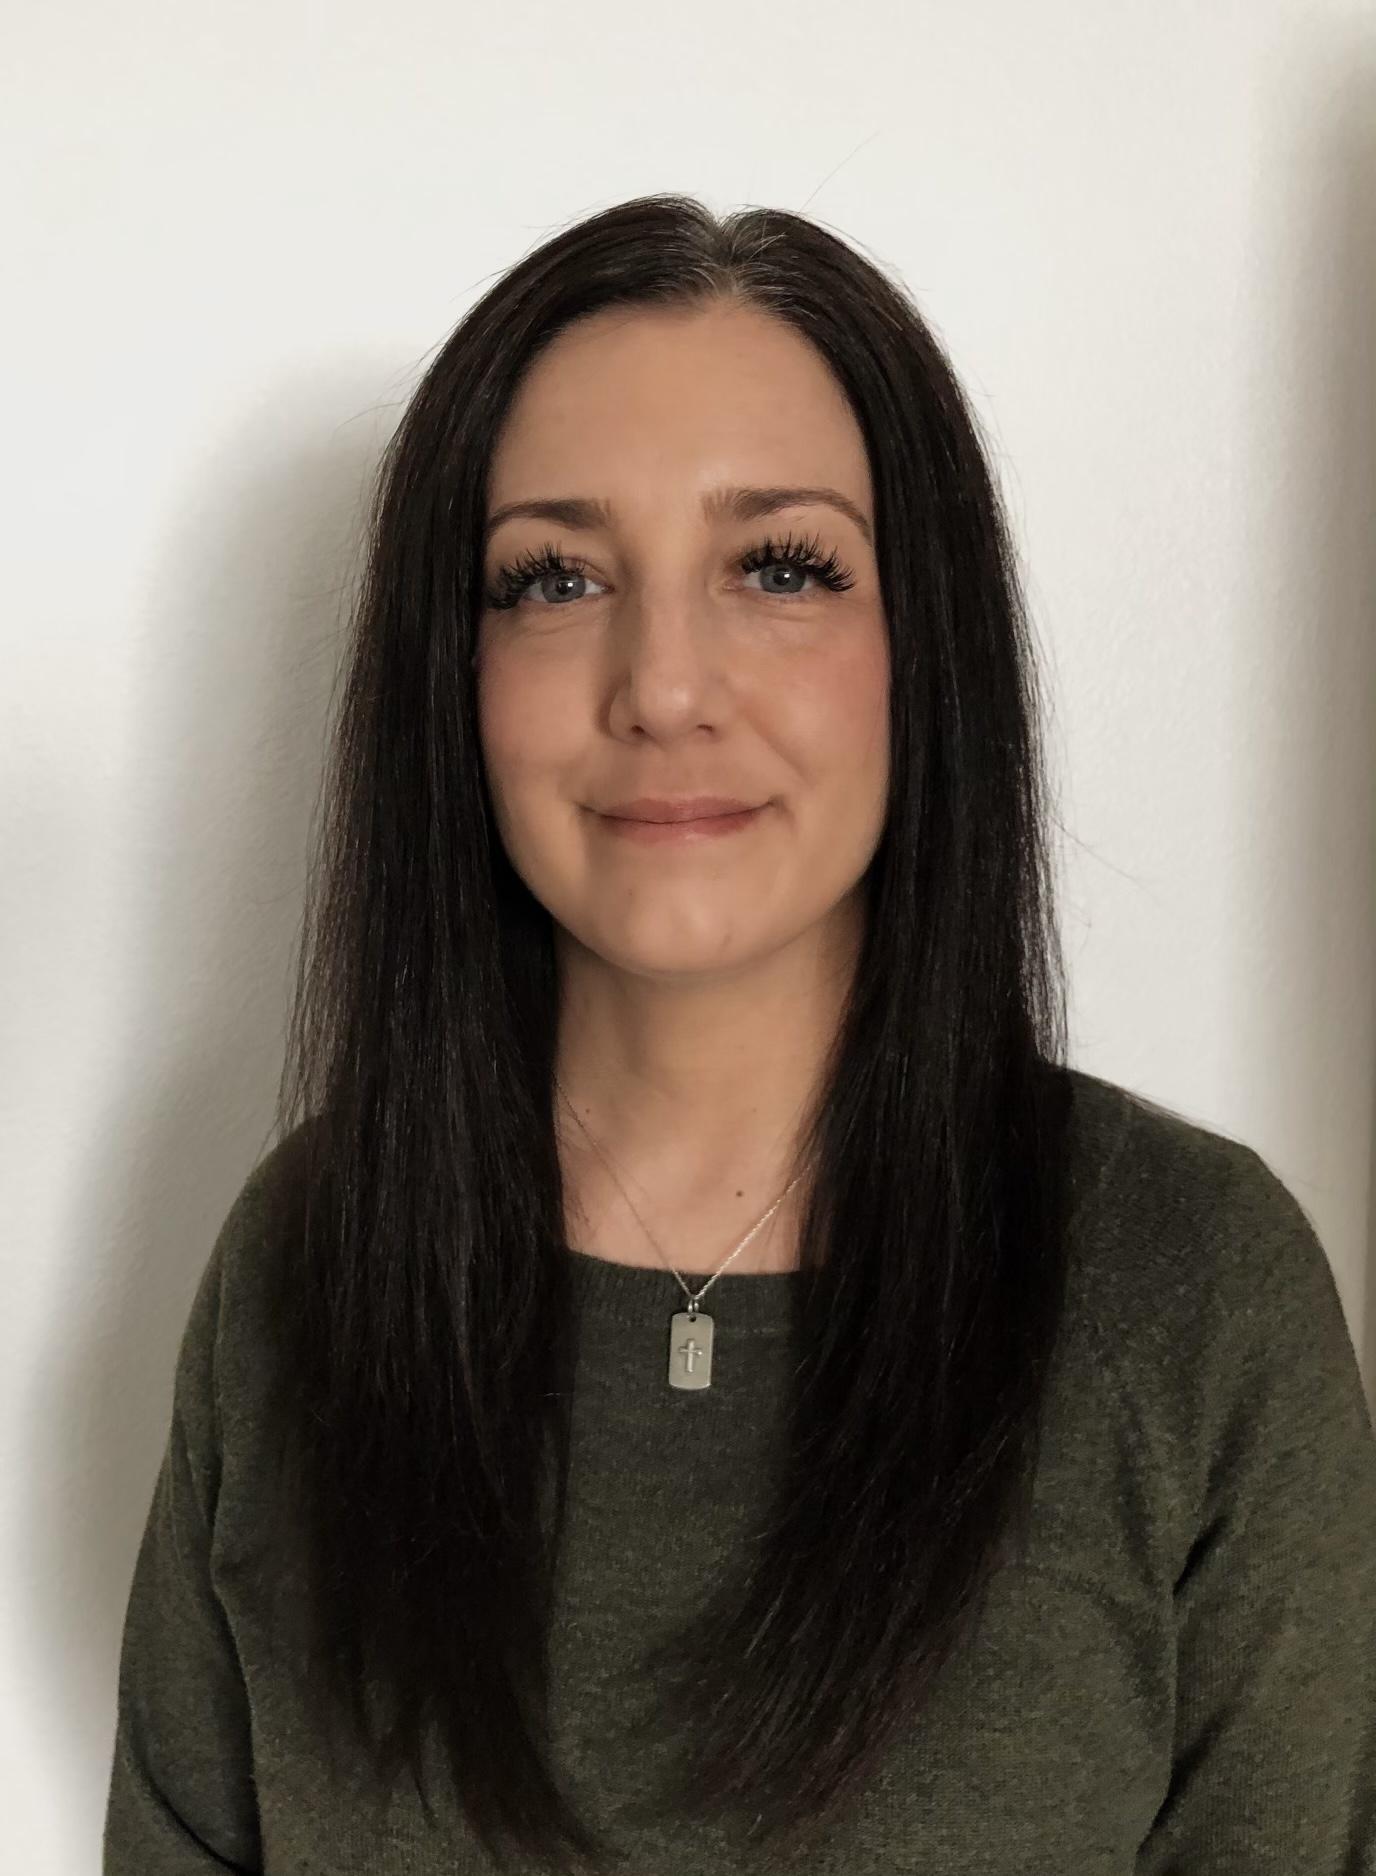 Christy Vogt